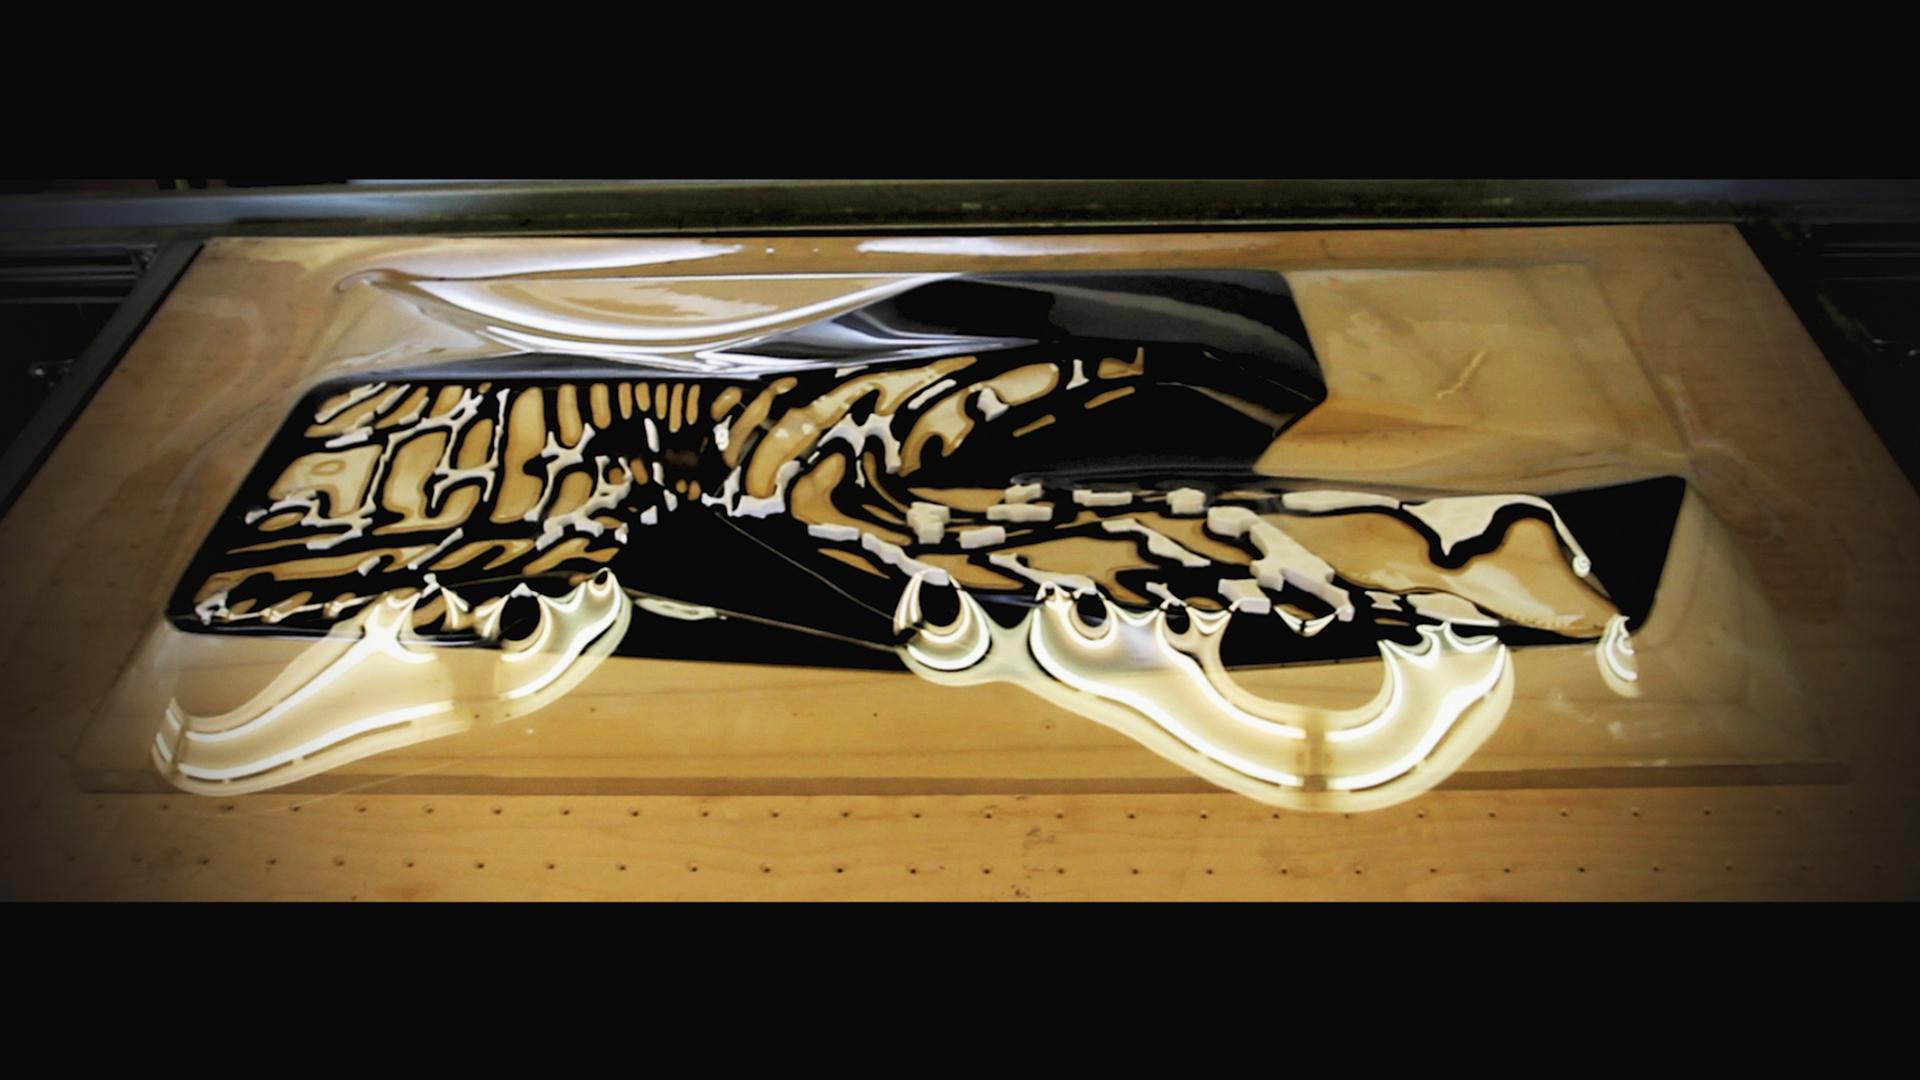 Alfonso Architetti - Composite Skin Process